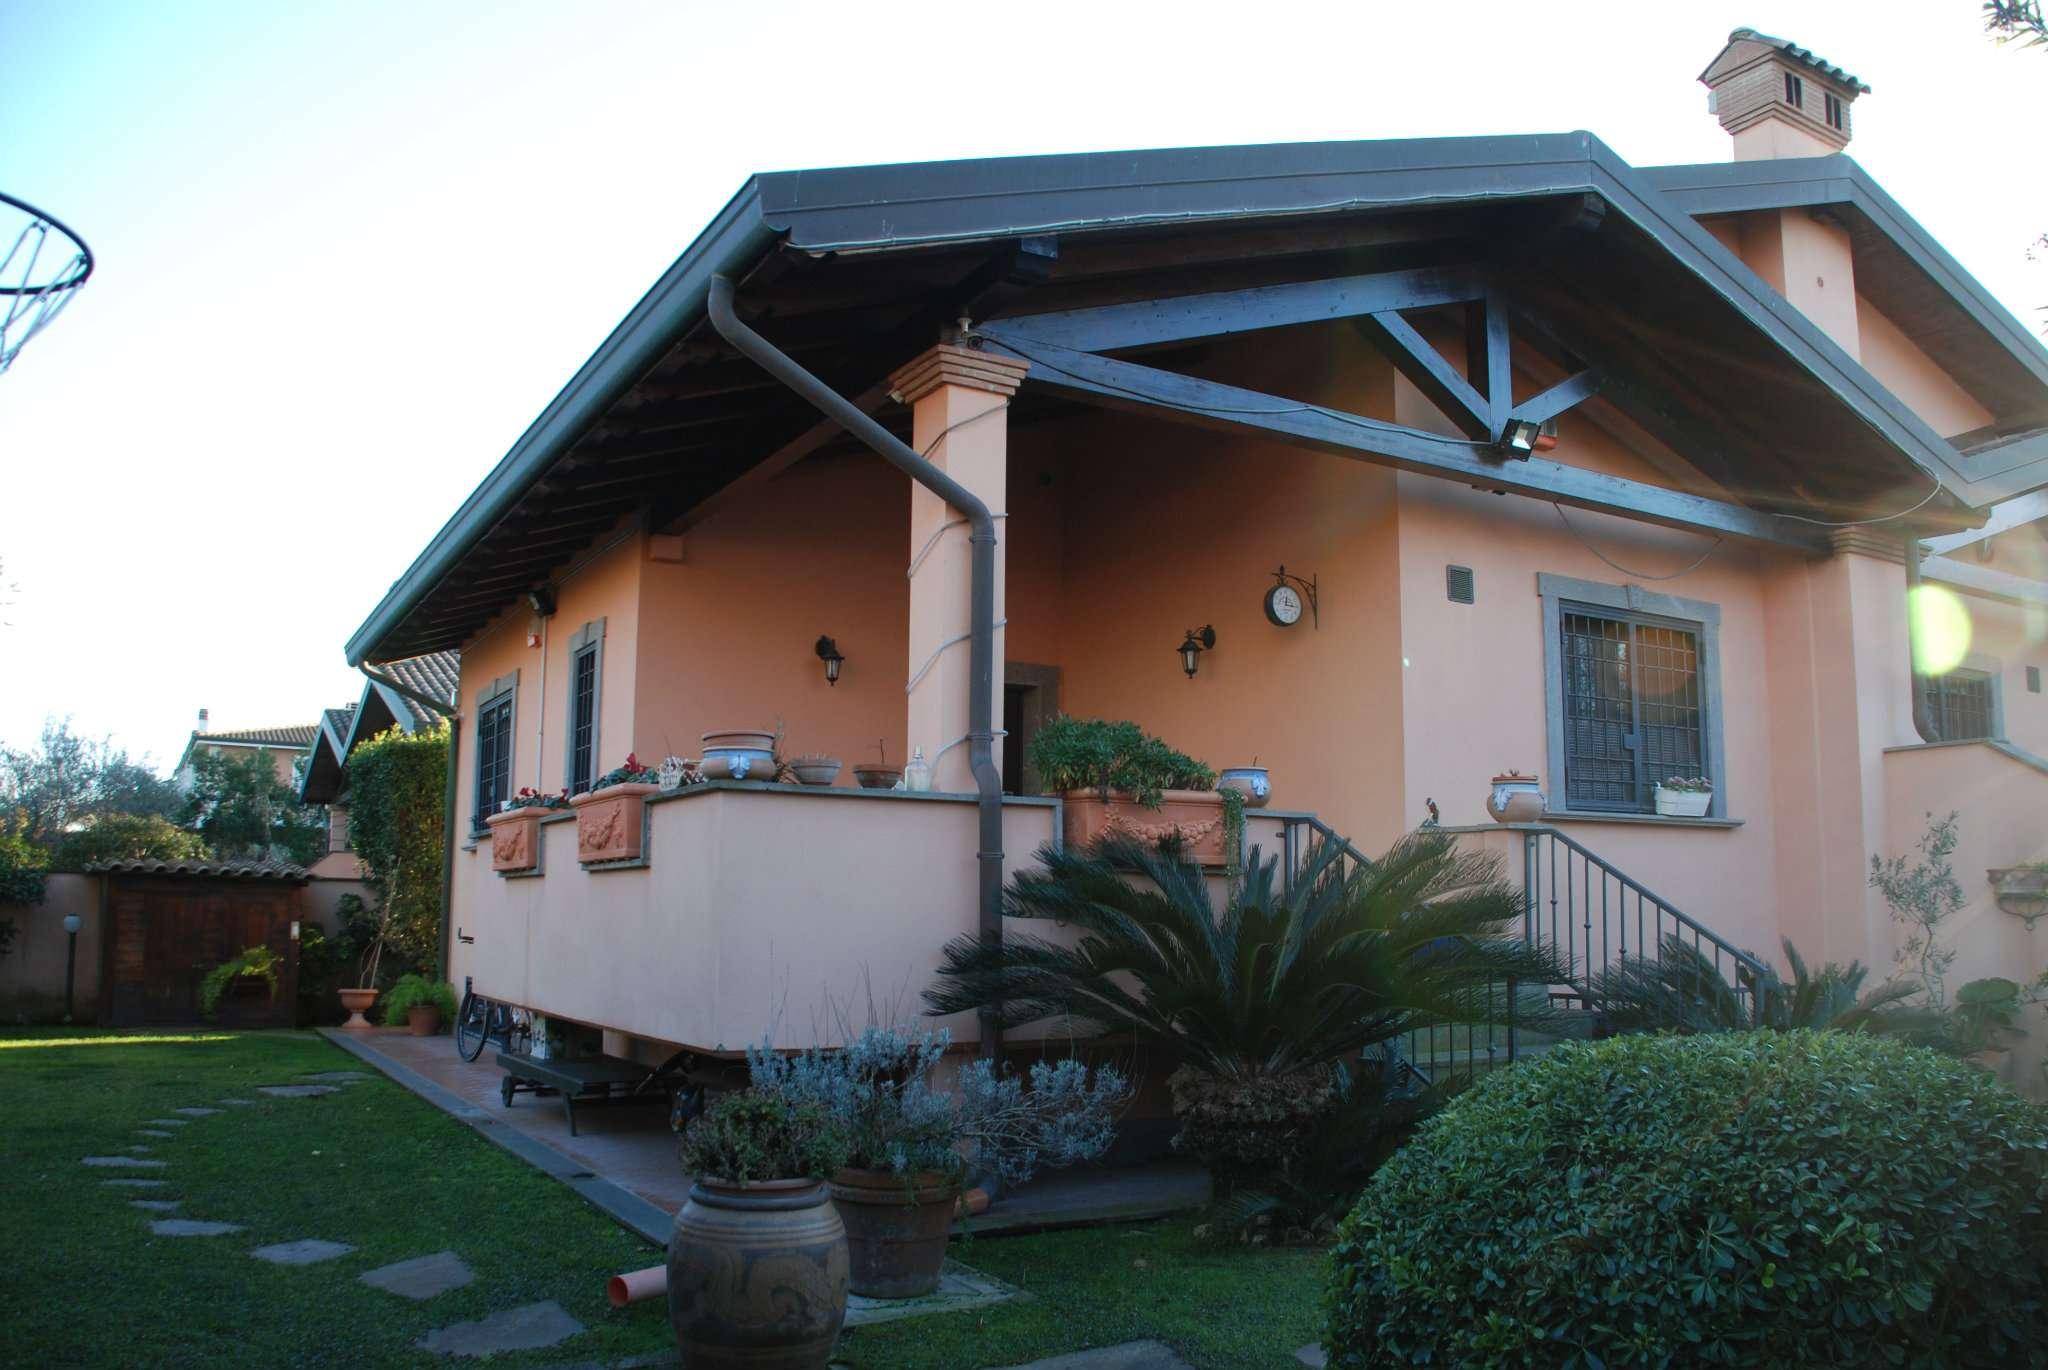 Villa Bifamiliare in vendita a Roma, 6 locali, zona Zona: 38 . Acilia, Vitinia, Infernetto, Axa, Casal Palocco, Madonnetta, prezzo € 340.000 | CambioCasa.it